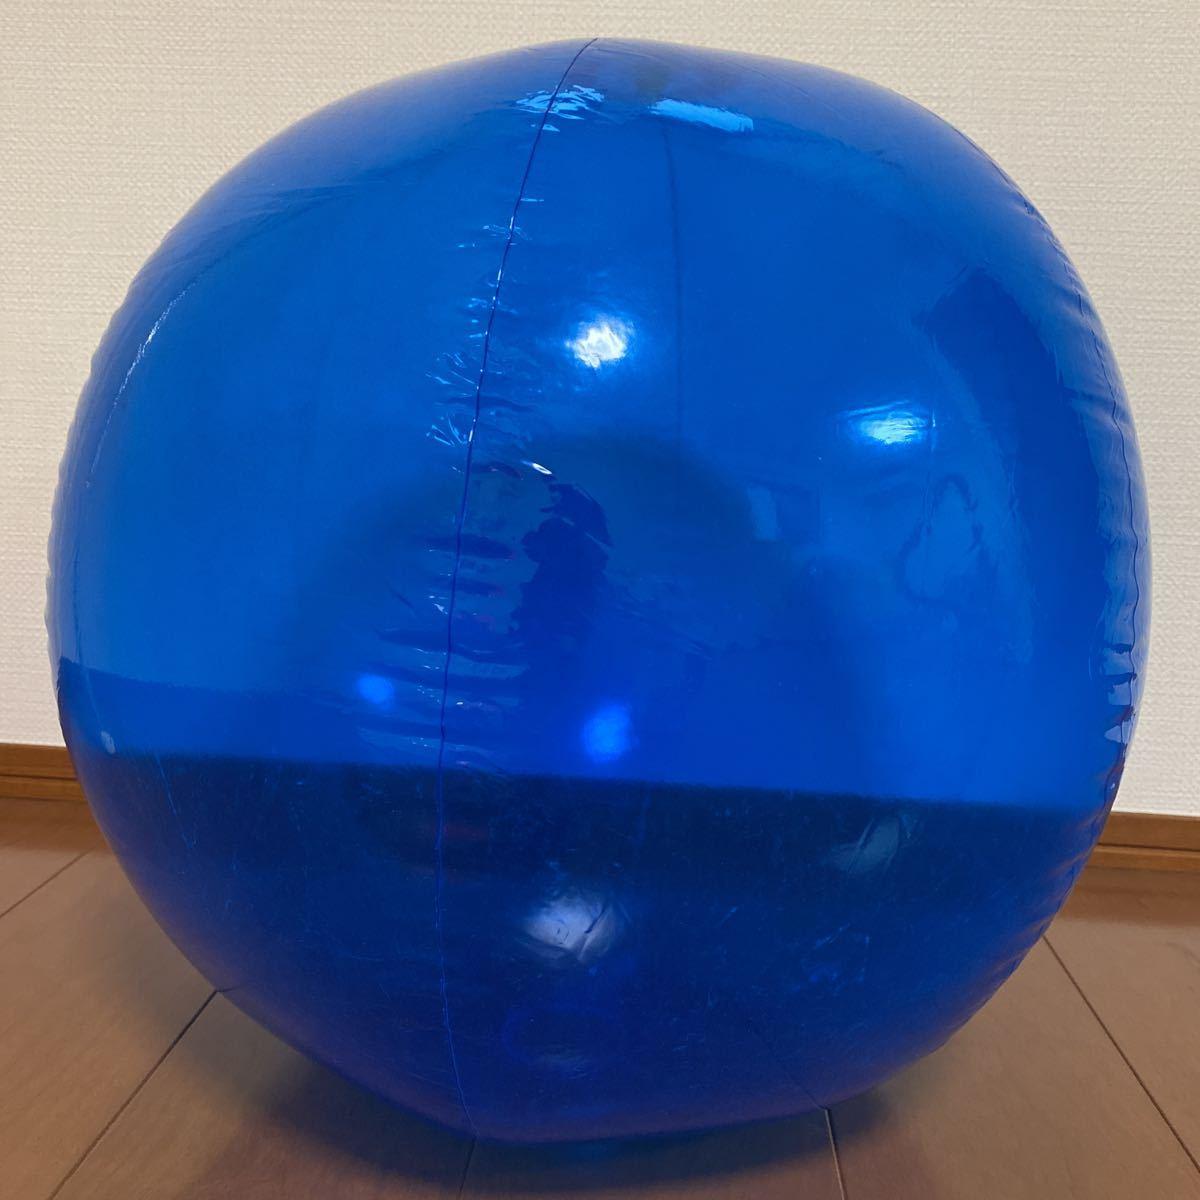 【空気漏れあり】青色無地 ビーチボール 60センチ